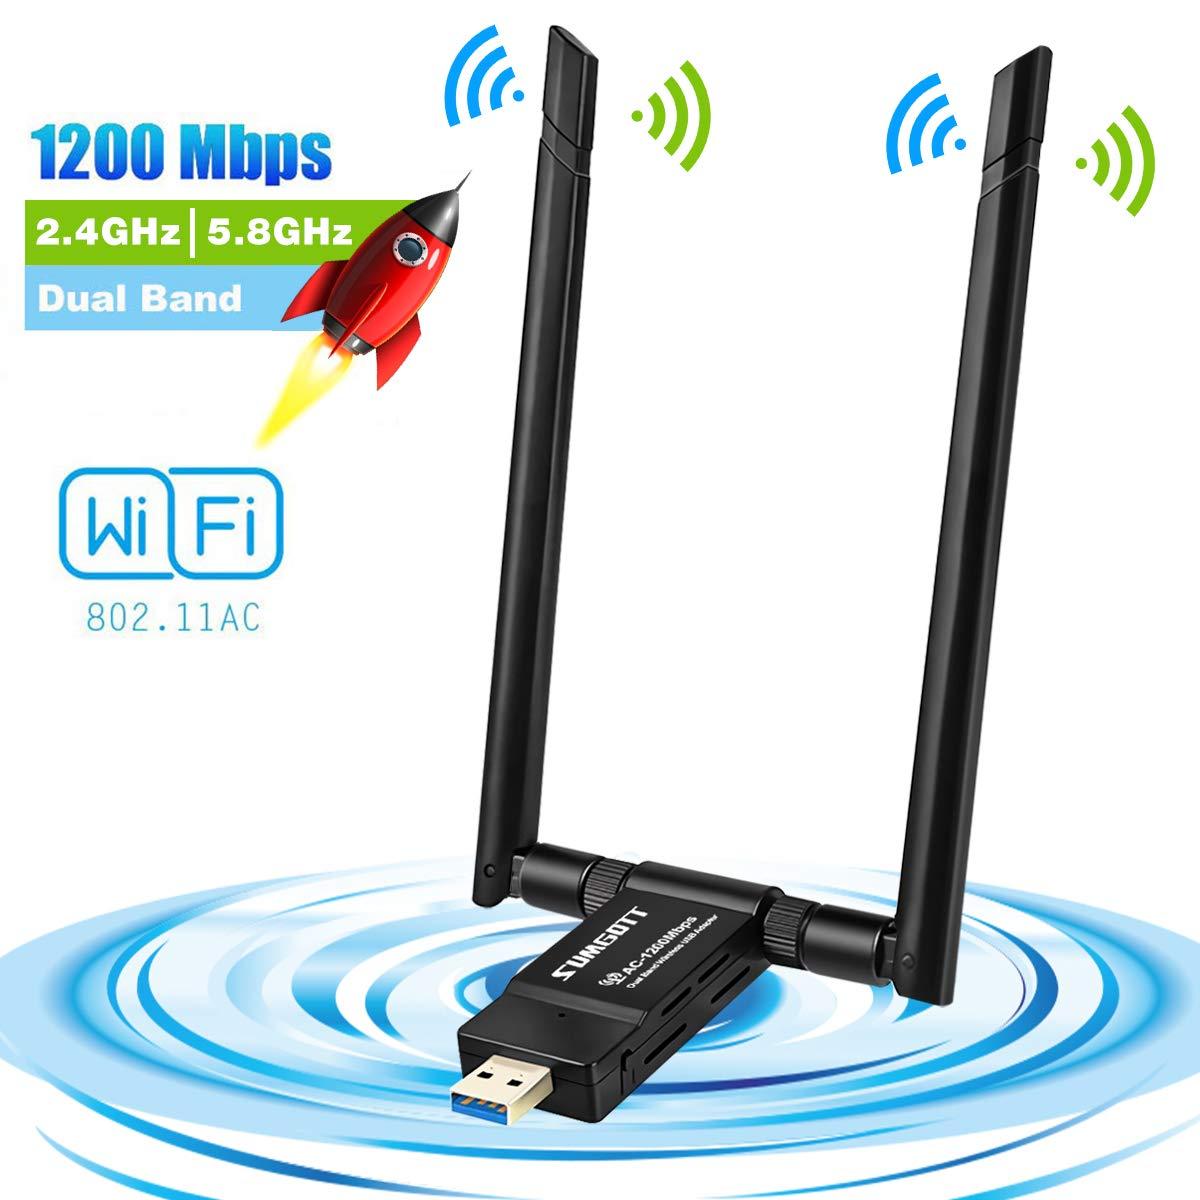 sumgott USB WiFi 1200Mpbs Antera Adaptador WiFi USB 3.0 Inalámbrico Dual Band Soporte de 5Ghz 867Mbps para PC con Windows XP/Vista / 7/8/10, MAX OSX (1200mbps09)